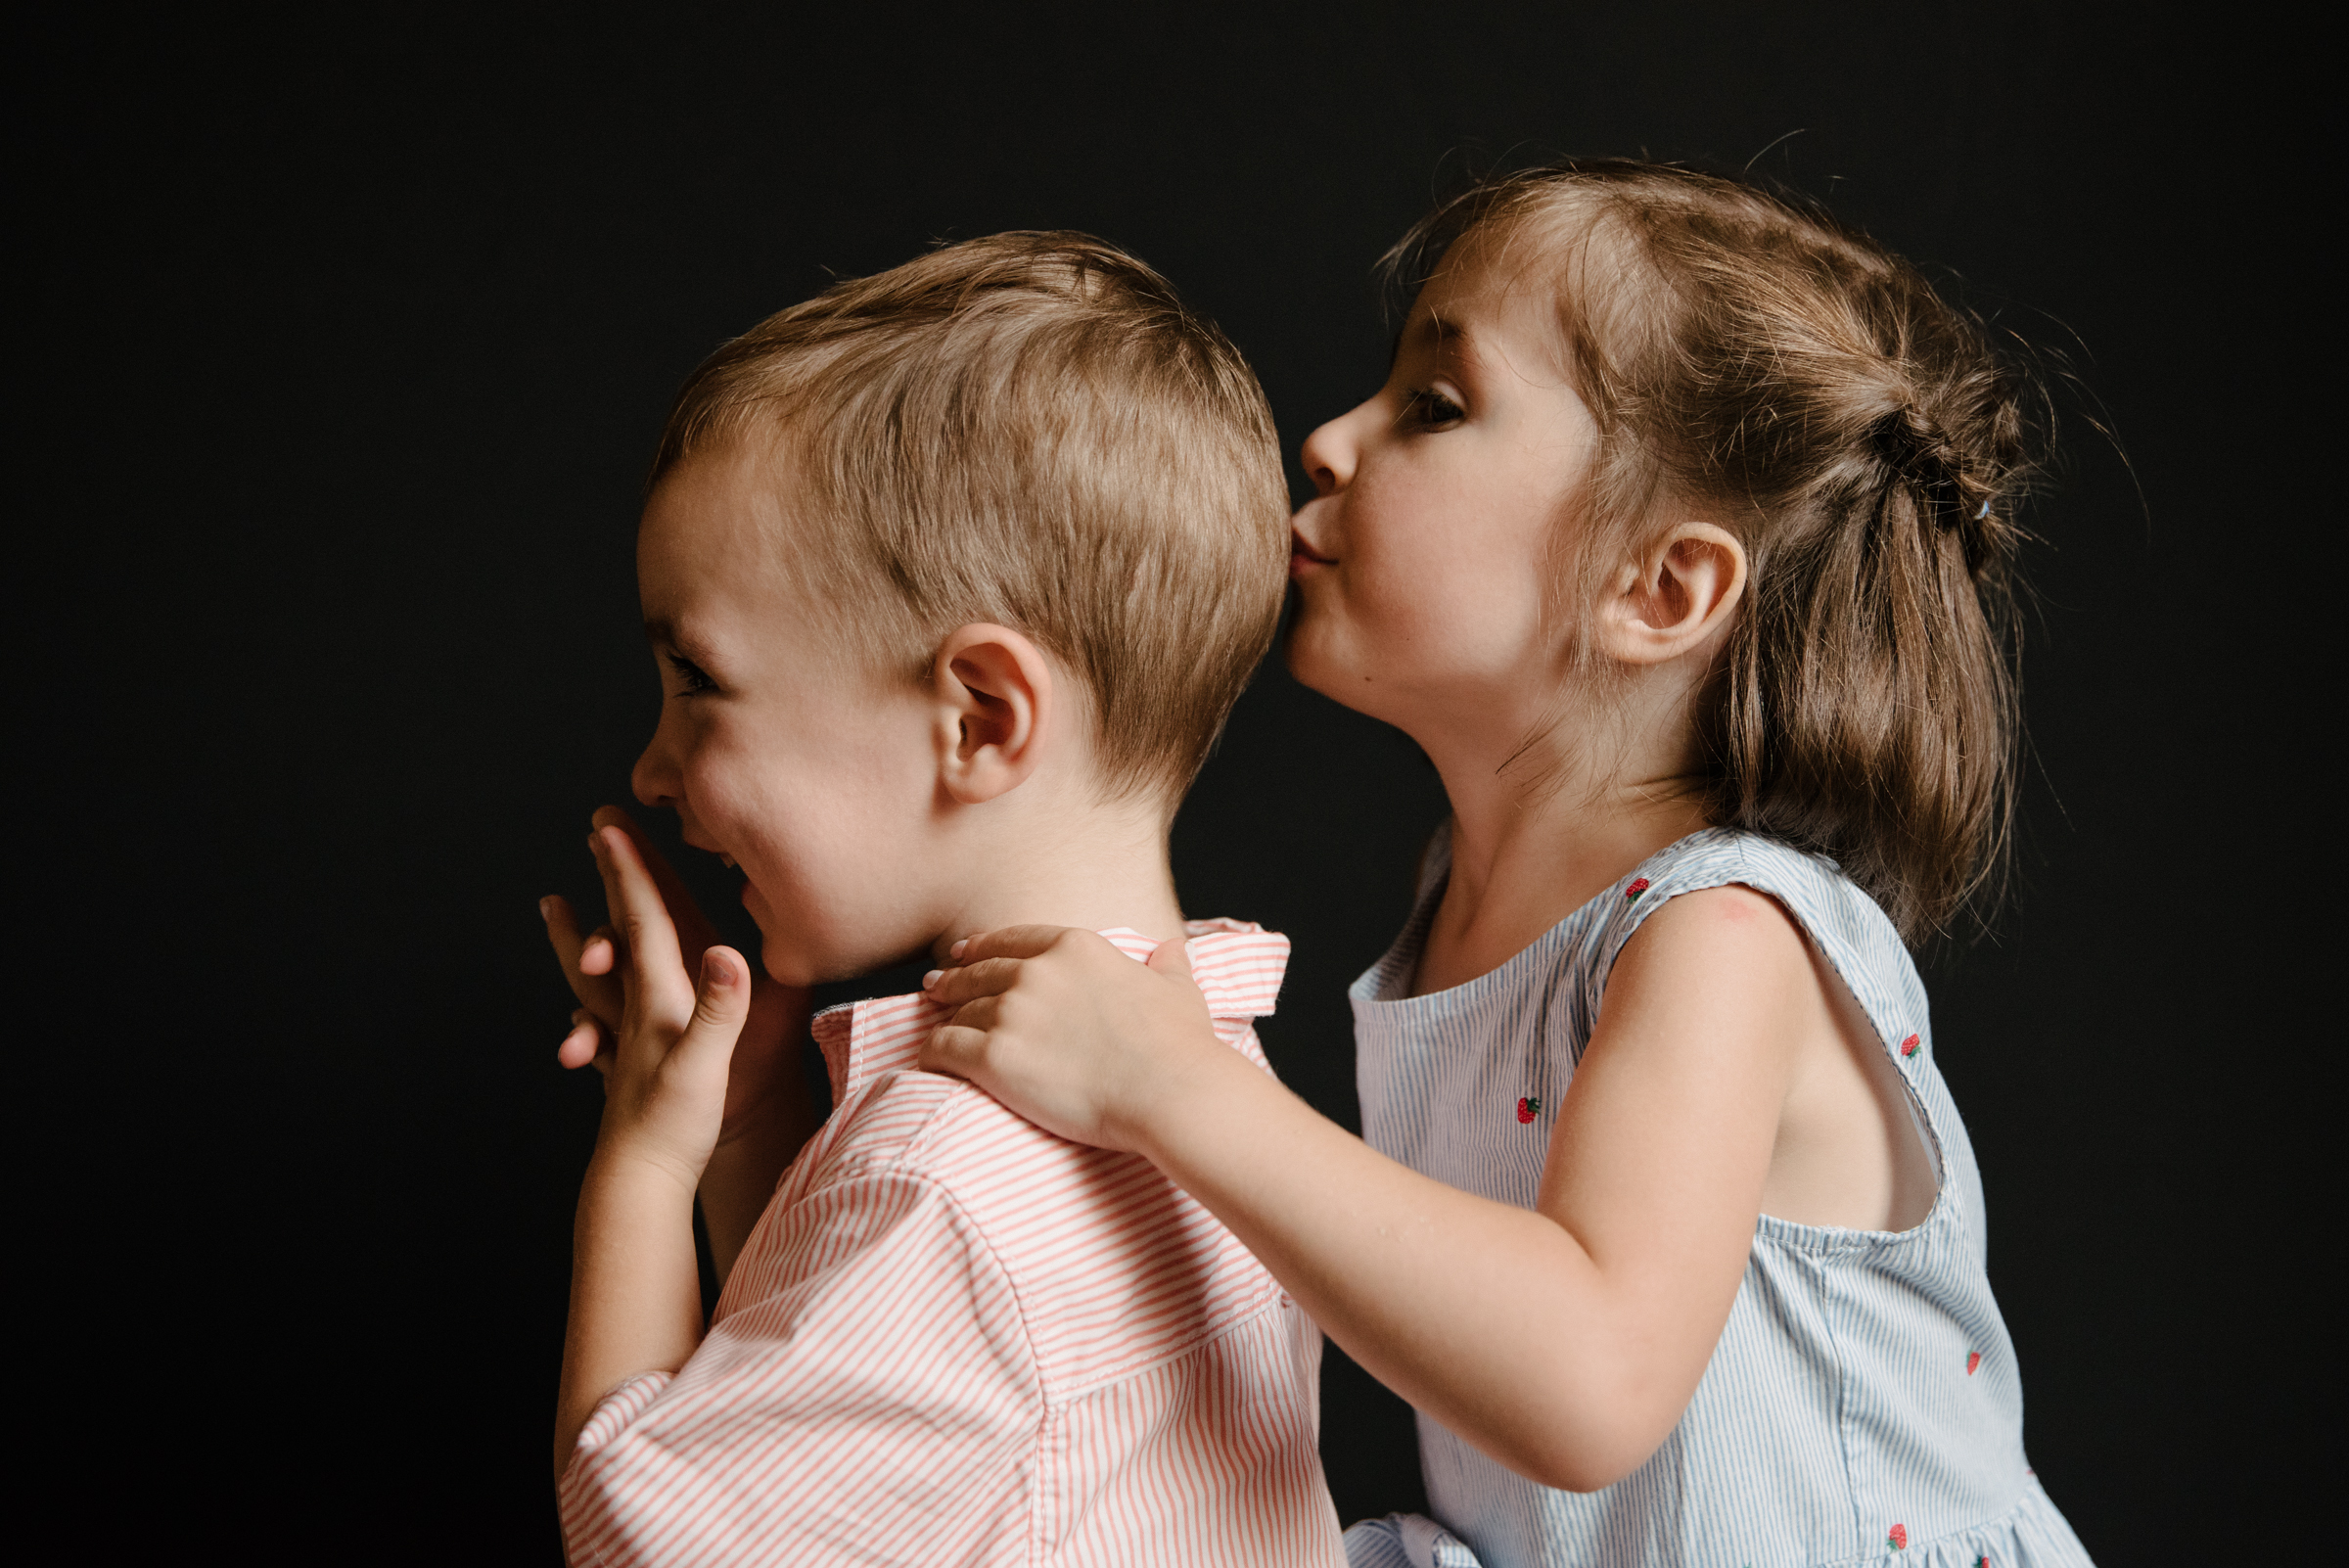 Émue - Quand j'ai ouvert les photos, j'ai été très, très émue.Tu as capté (et choisi comme par magie parmi toutes tes prises) plusieurs de ces choses absolument belles et merveilleuses que je voulais retenir d'eux pour toujours en me disant que je ne pouvais compter que sur ma mémoire parce qu'il n'y avait que mes yeux de maman pour savoir quel regard, quel sourire, quel éclat de rire, quelle façon de mettre la main devant la bouche, le doigt dans le nez, il fallait conserver.- Zoé